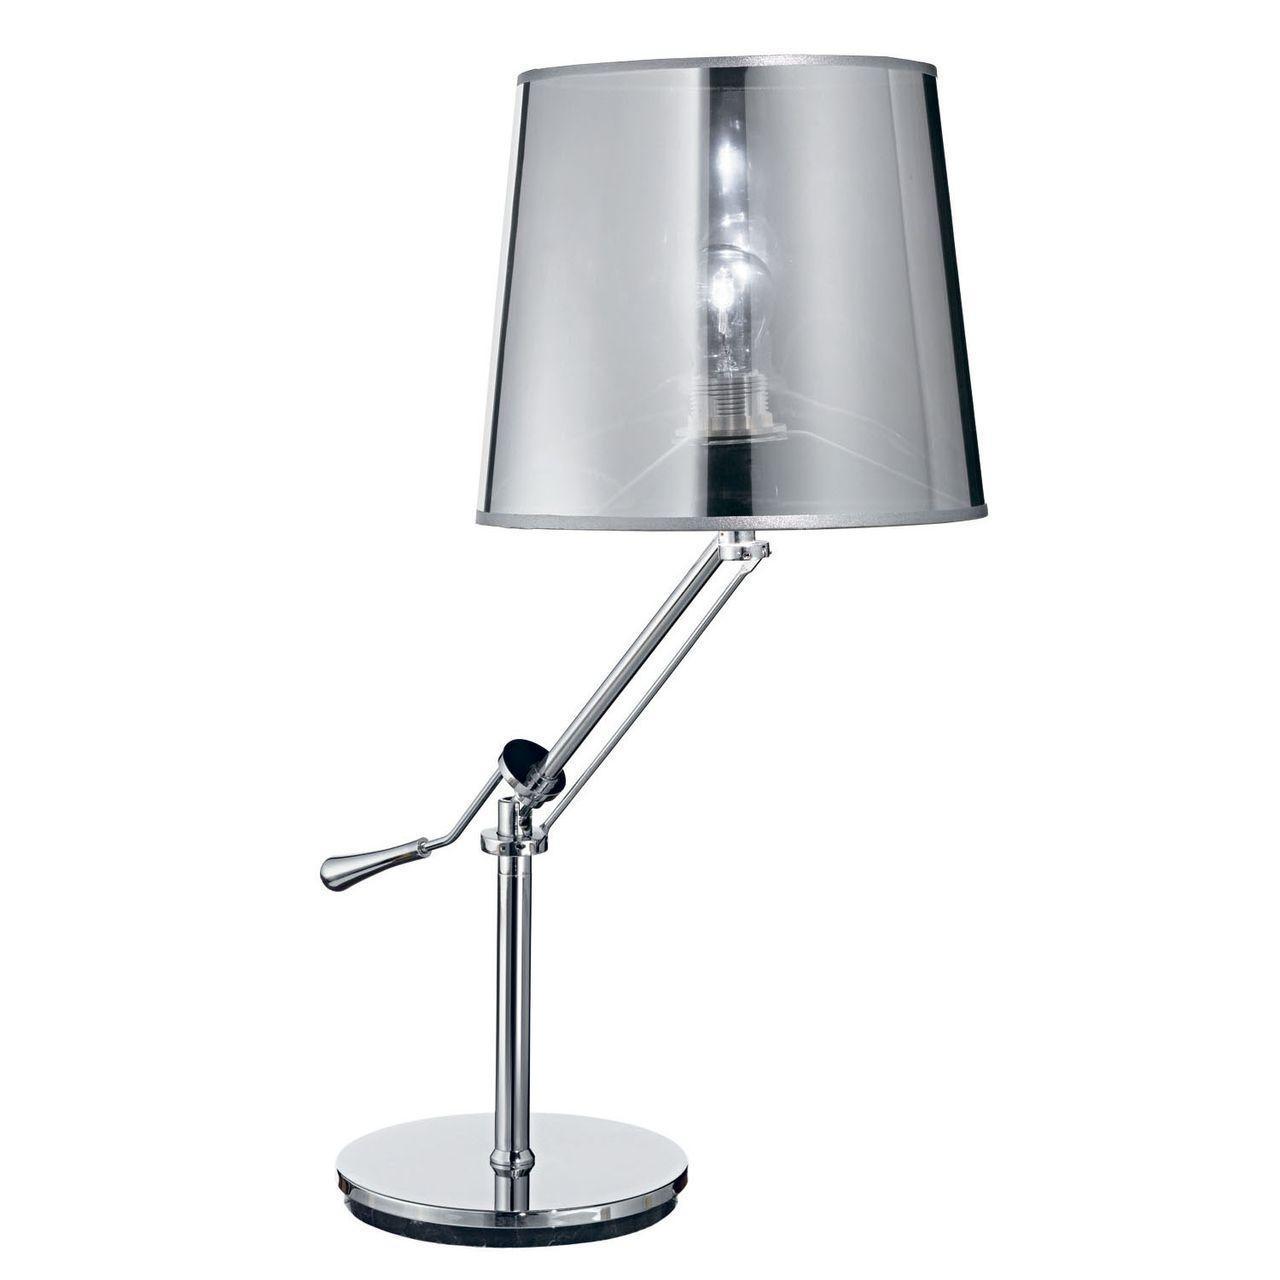 Настольная лампа Ideal Lux Regol TL1 Cromo цена